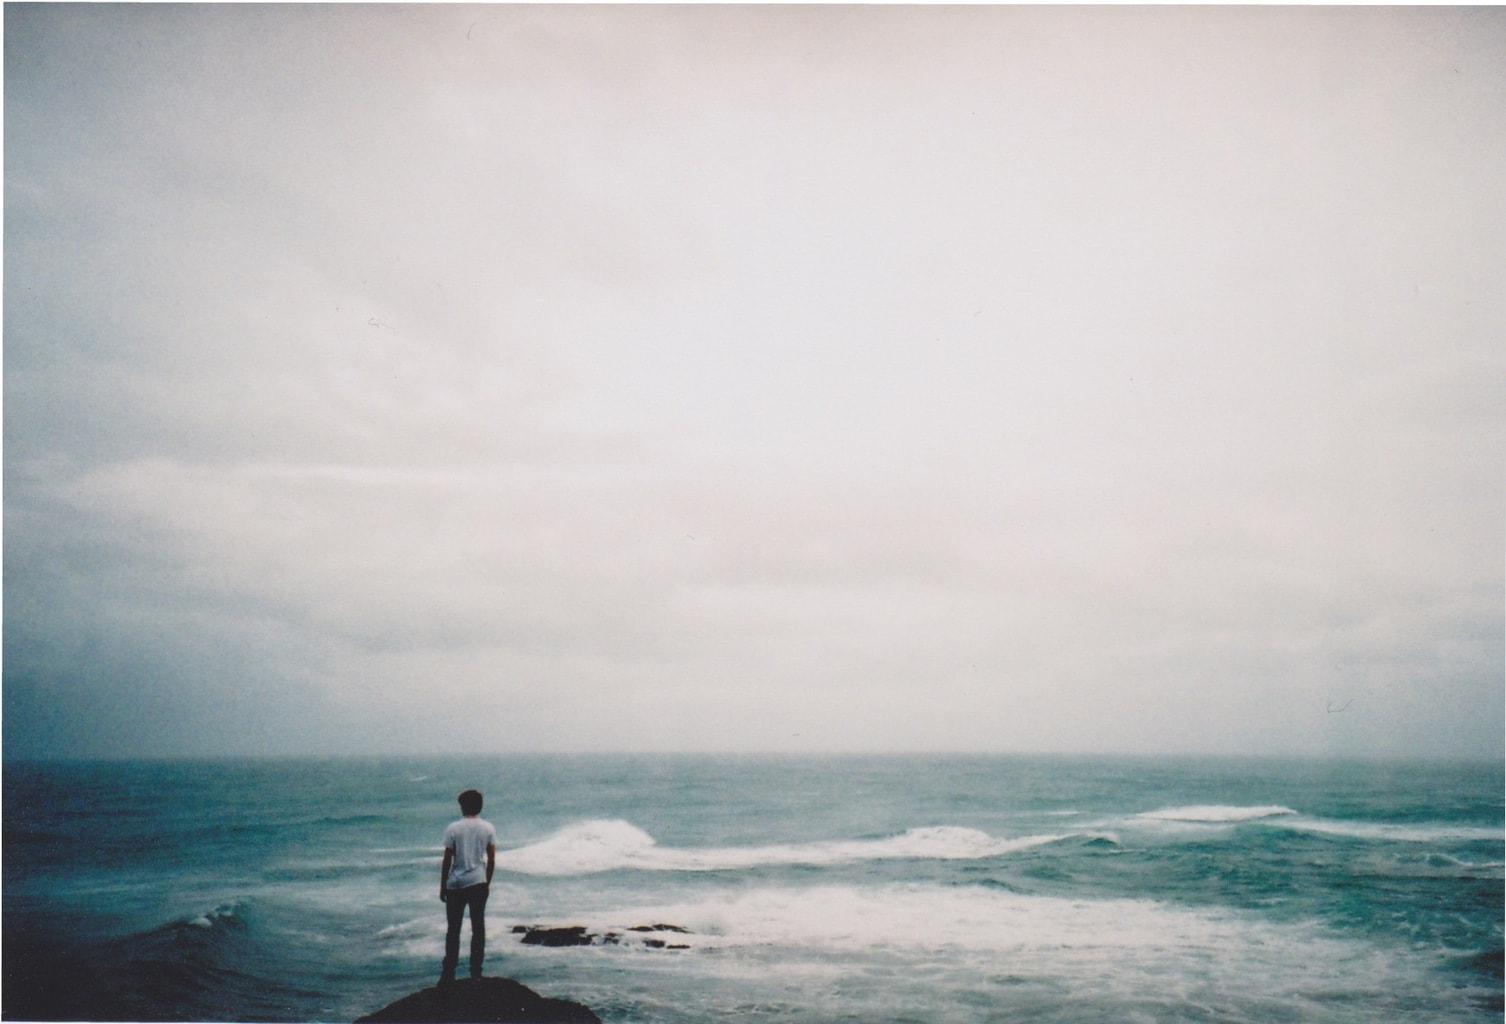 El mago de las olas